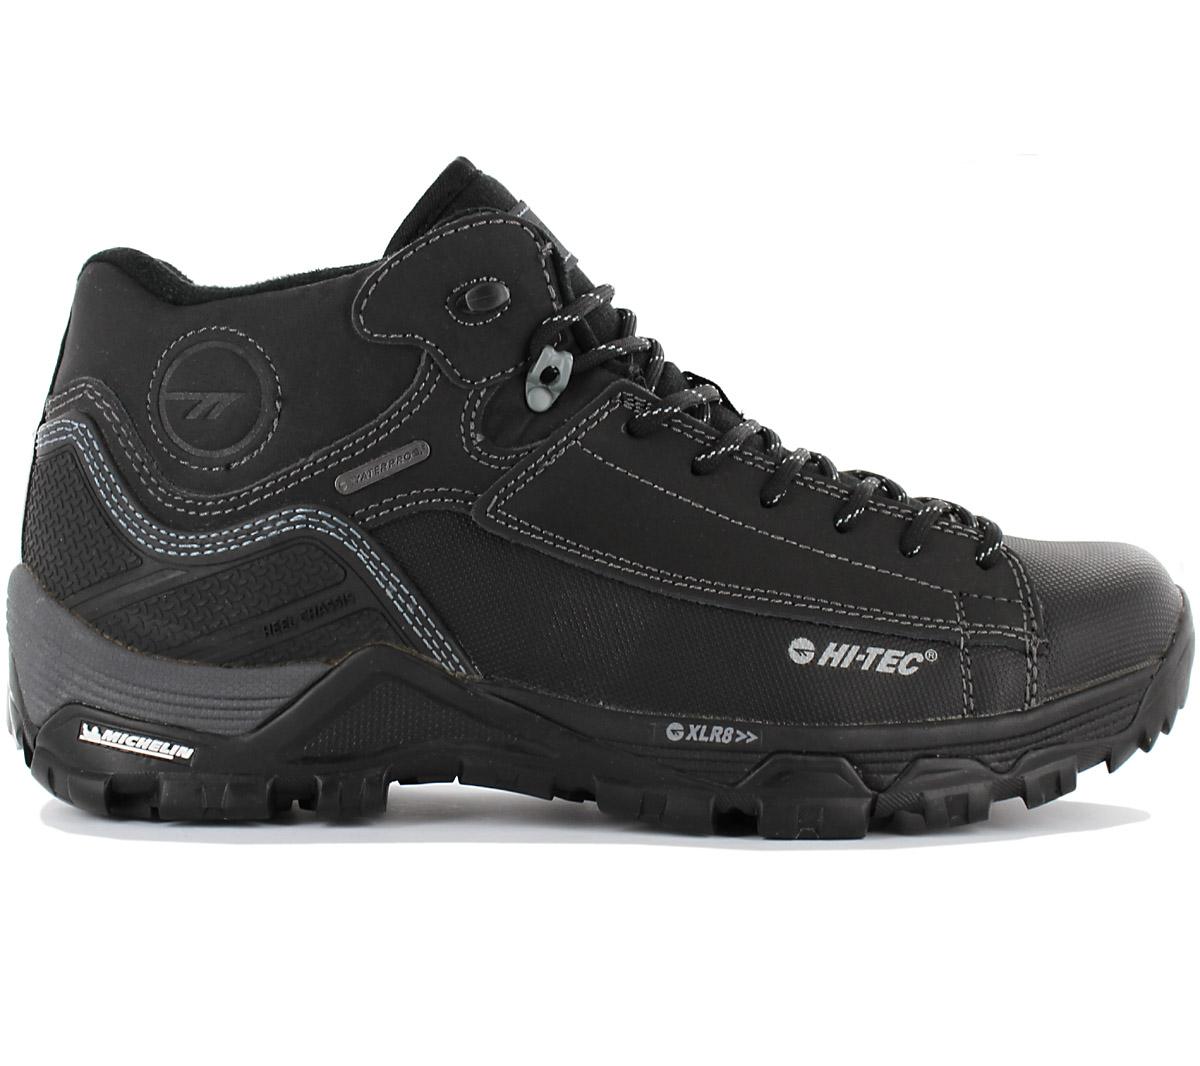 Hi-Tec Herren Wanderschuhe Outdoor Trekking Schuh Stiefel hoch Bergschuh niedrig hoch Stiefel f2fc65